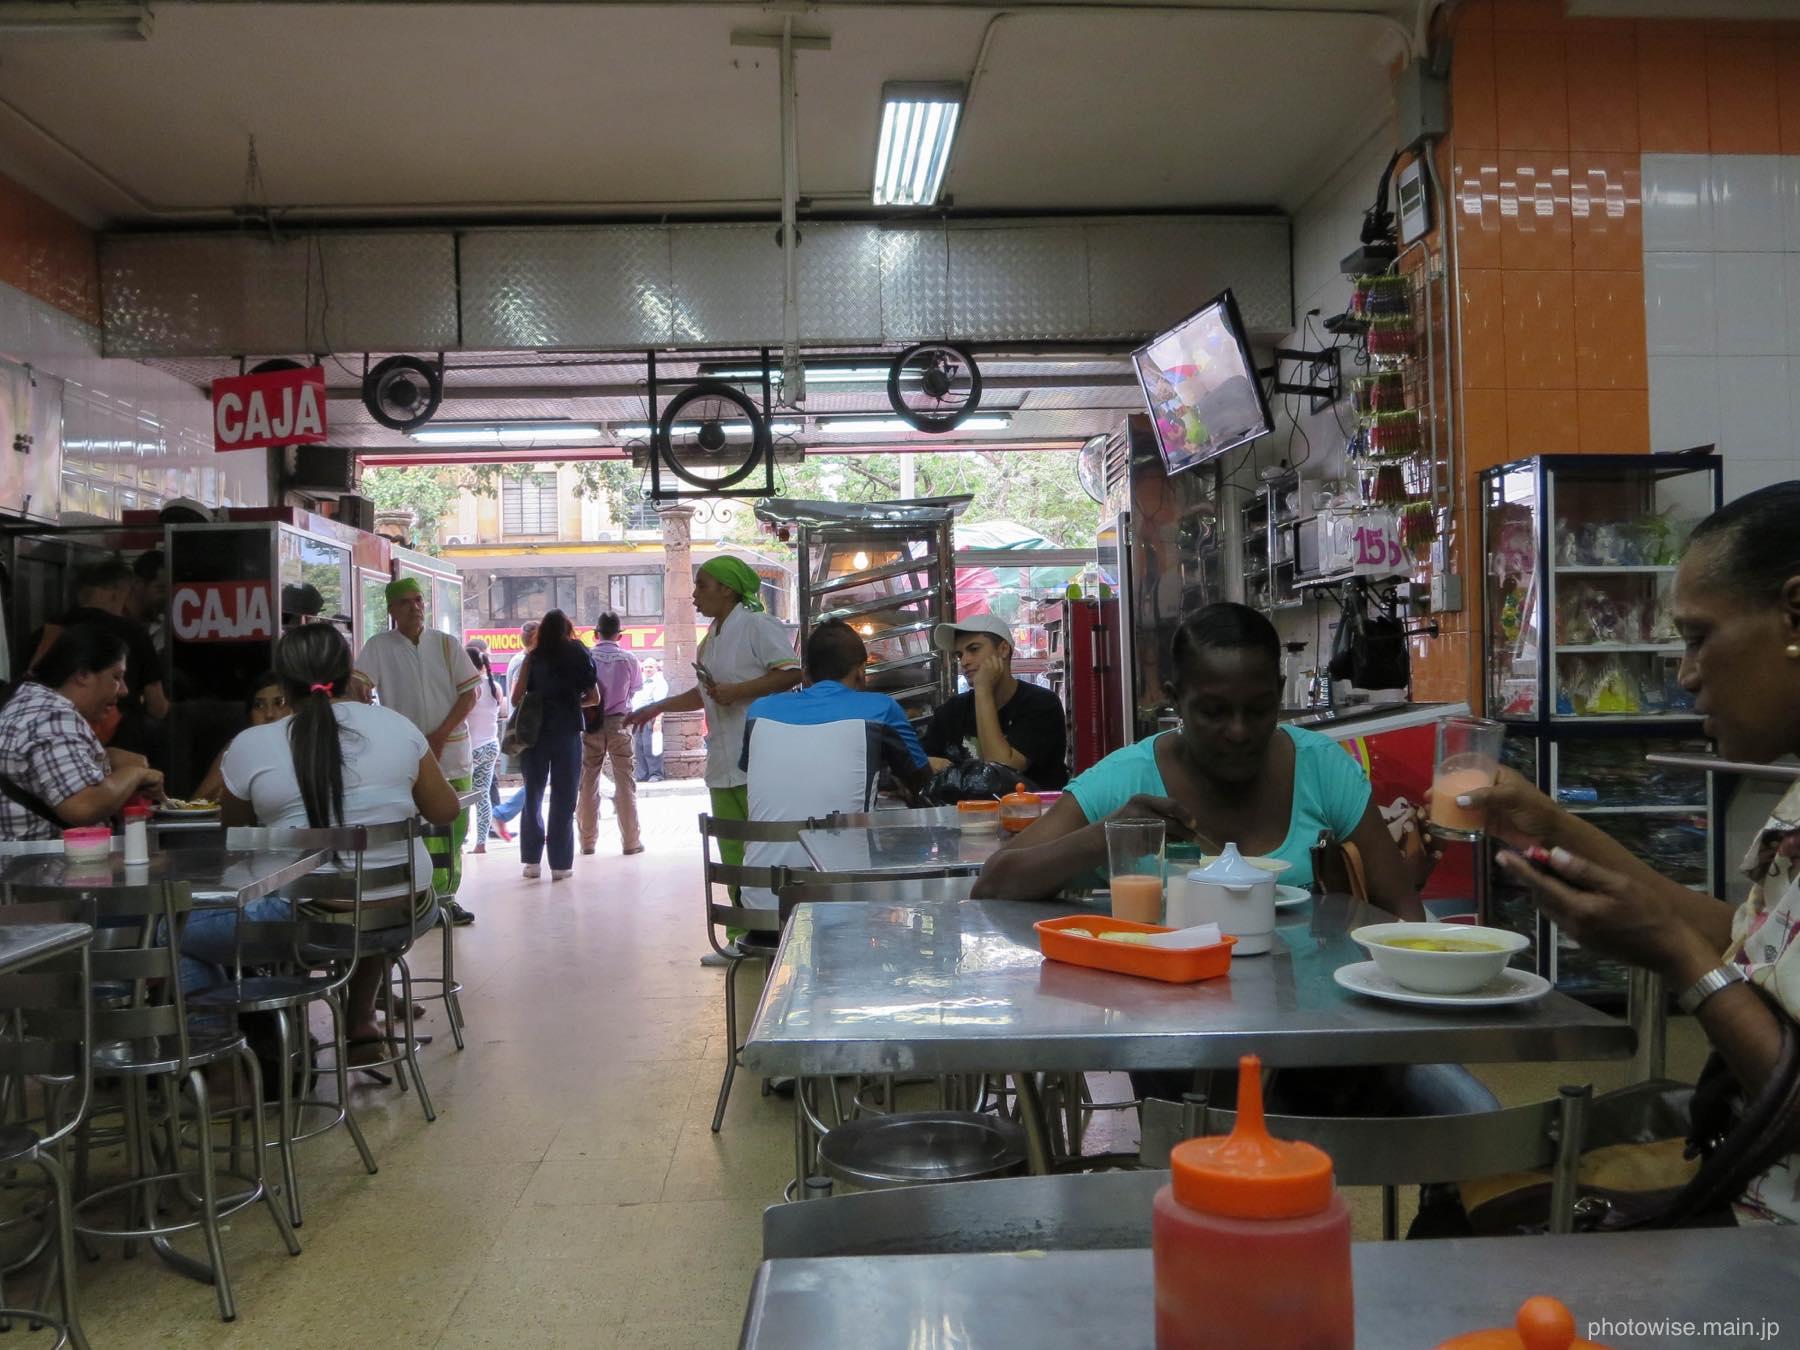 ボテロ広場の近くの食堂